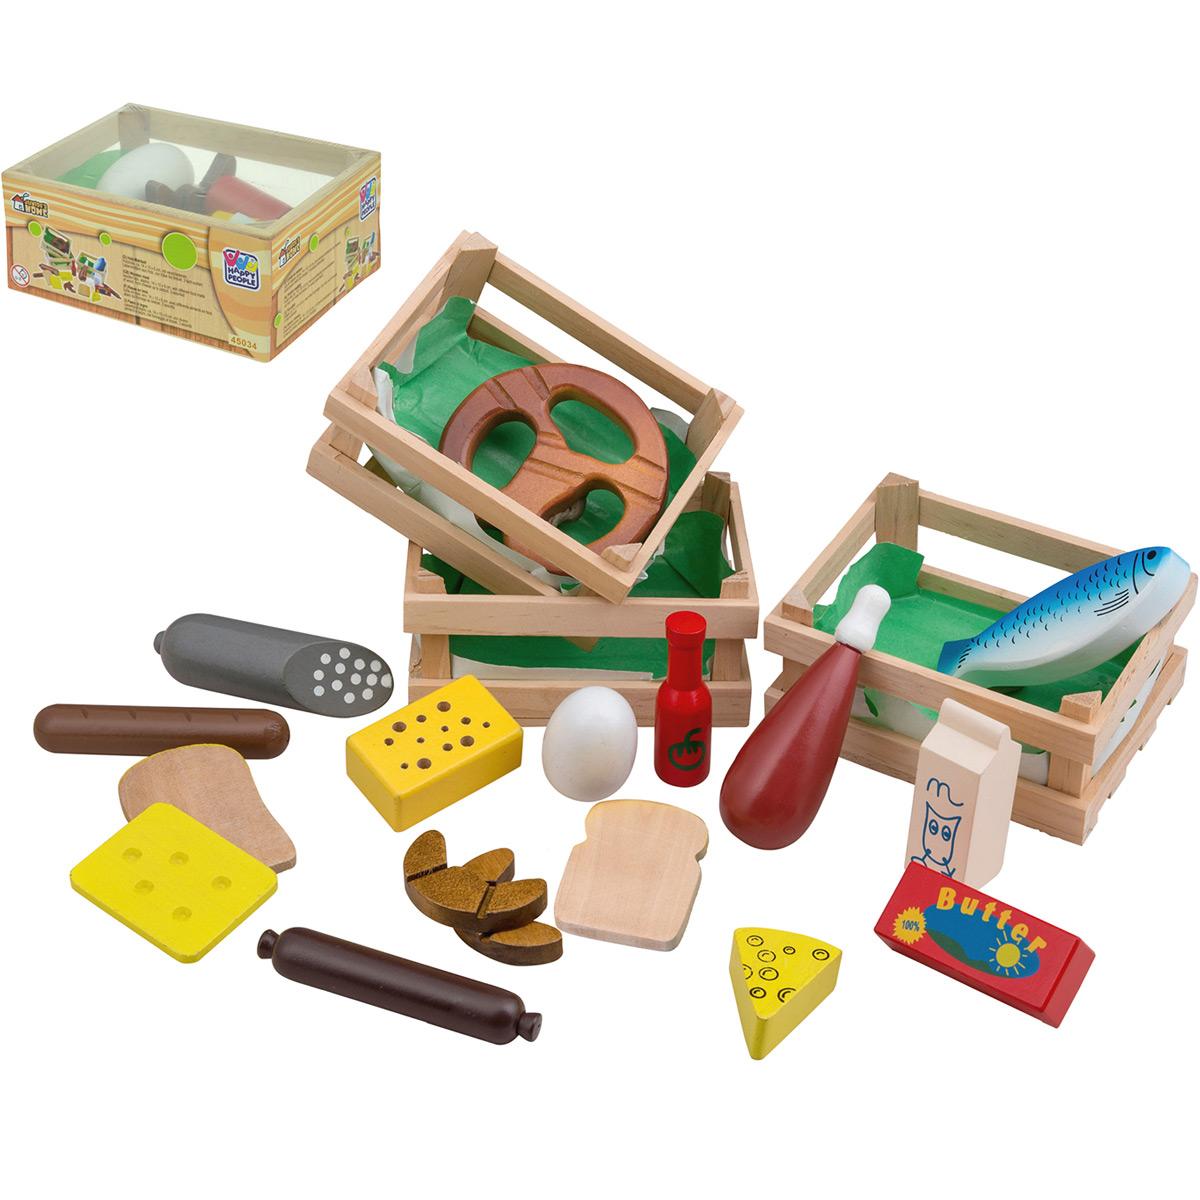 kaufladen kiste holz lebensmittel spielzeug kinderk che zubeh r kaufmannsladen ebay. Black Bedroom Furniture Sets. Home Design Ideas